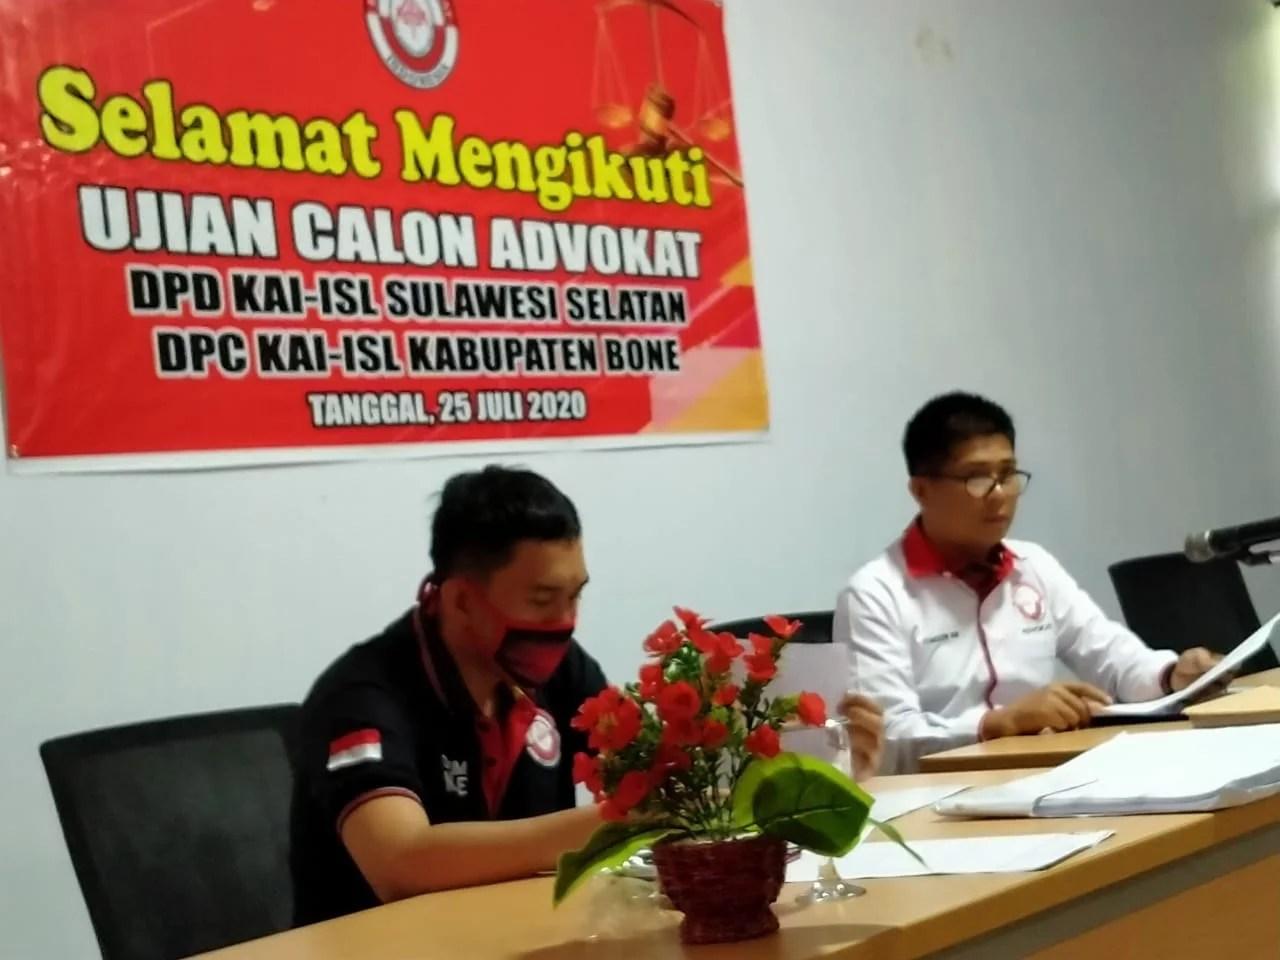 DPC KAI Bone Jadi Daerah Pertama Laksanakan UCA di Sulsel